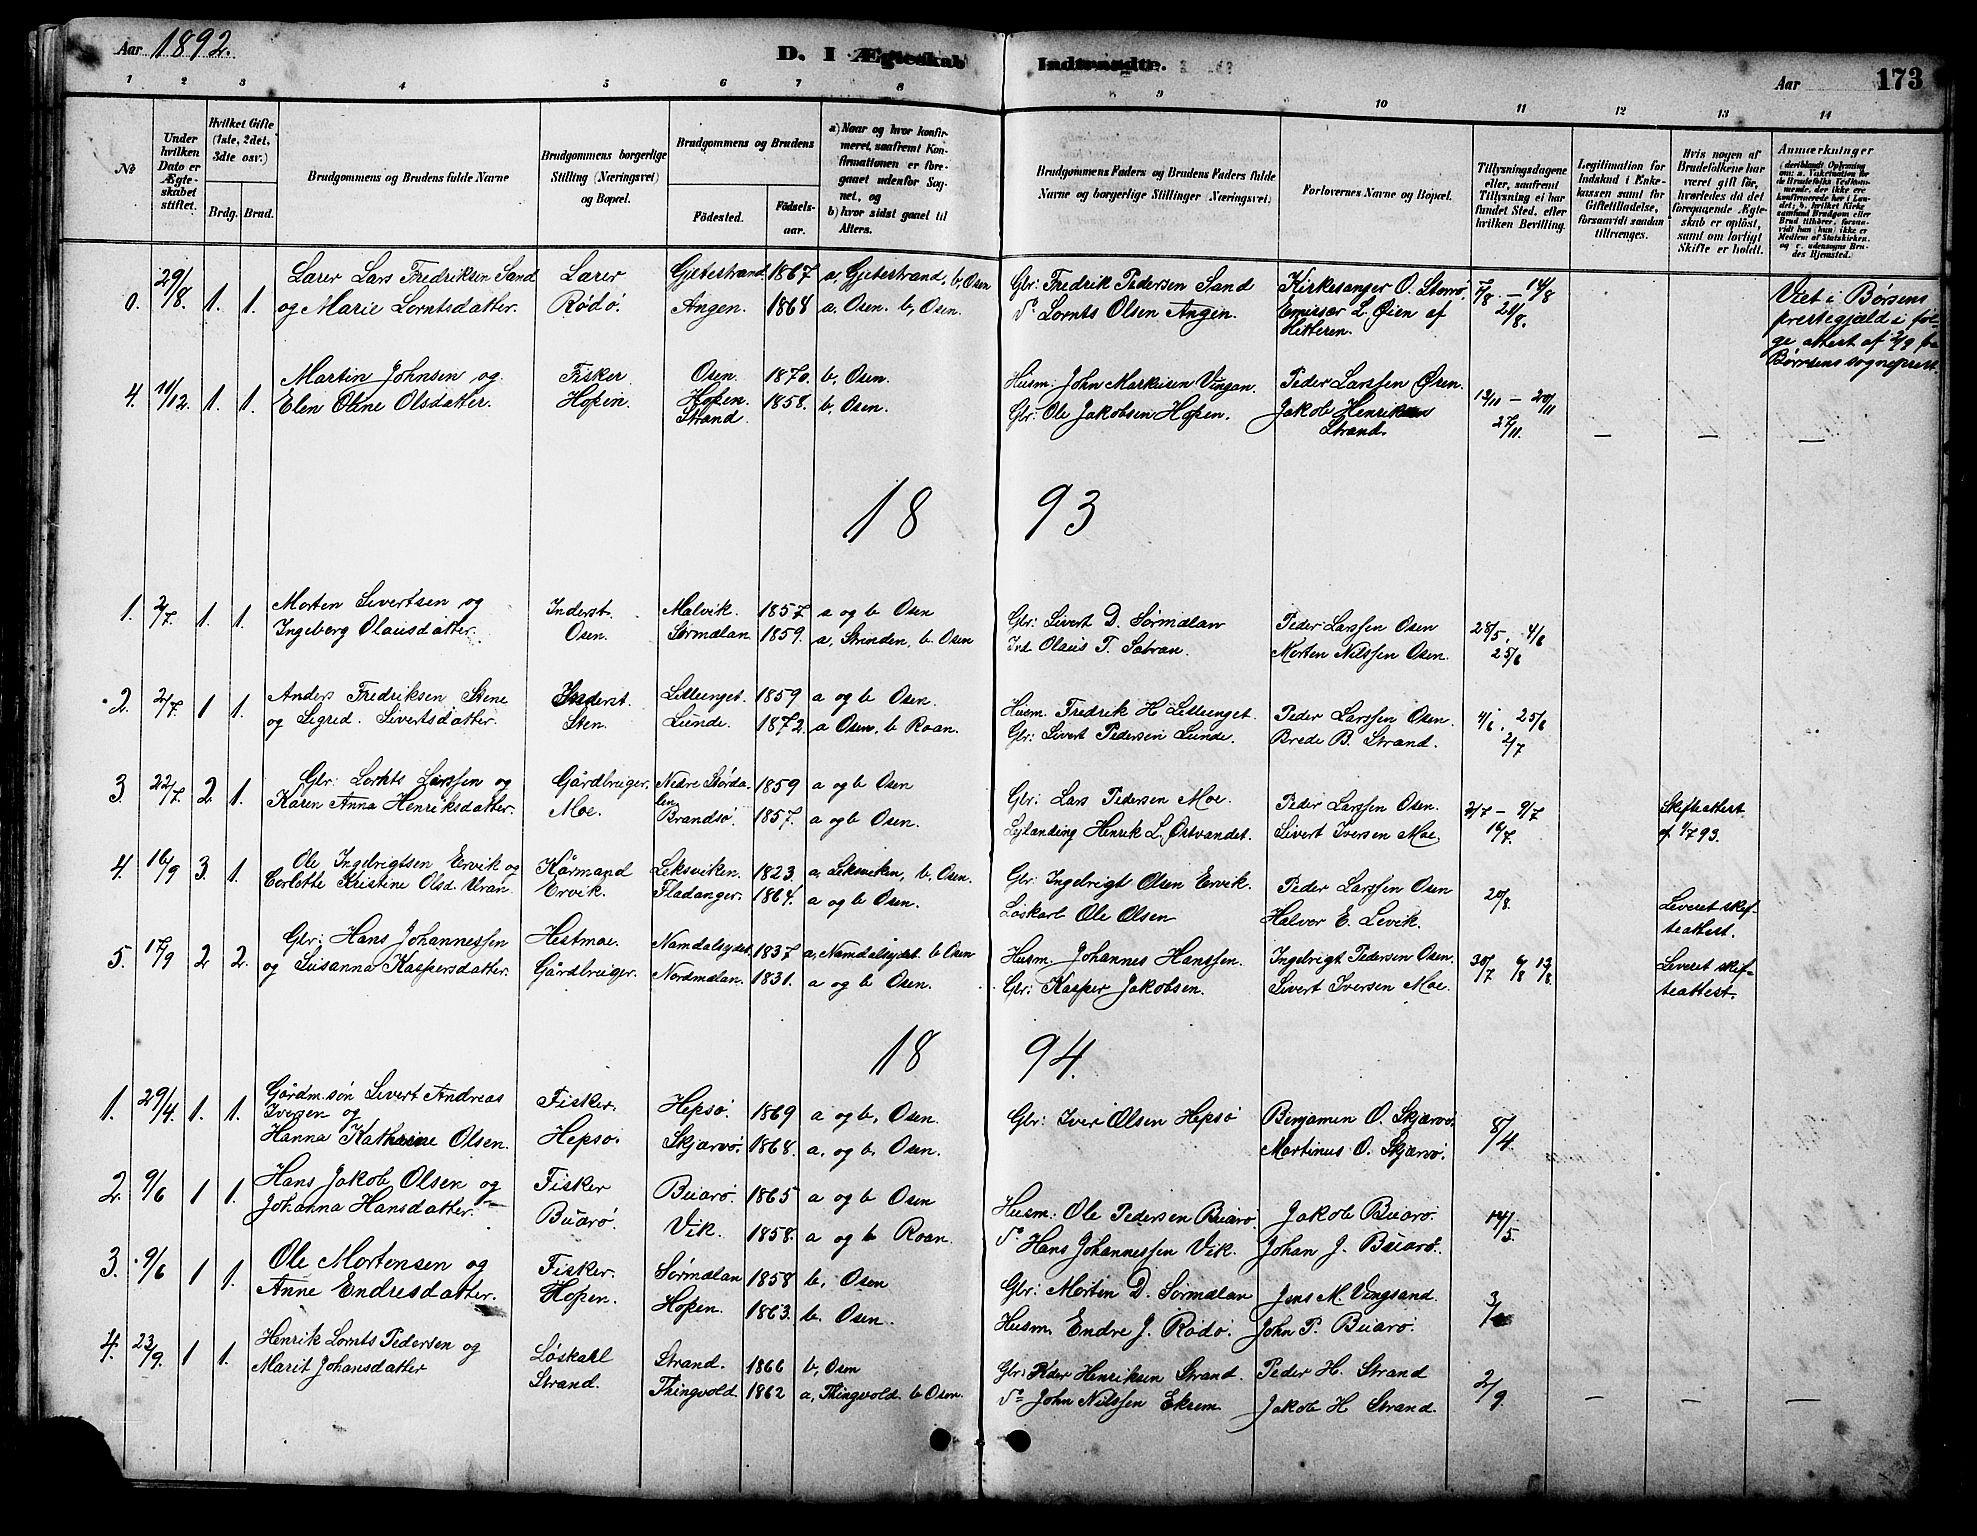 SAT, Ministerialprotokoller, klokkerbøker og fødselsregistre - Sør-Trøndelag, 658/L0726: Klokkerbok nr. 658C02, 1883-1908, s. 173